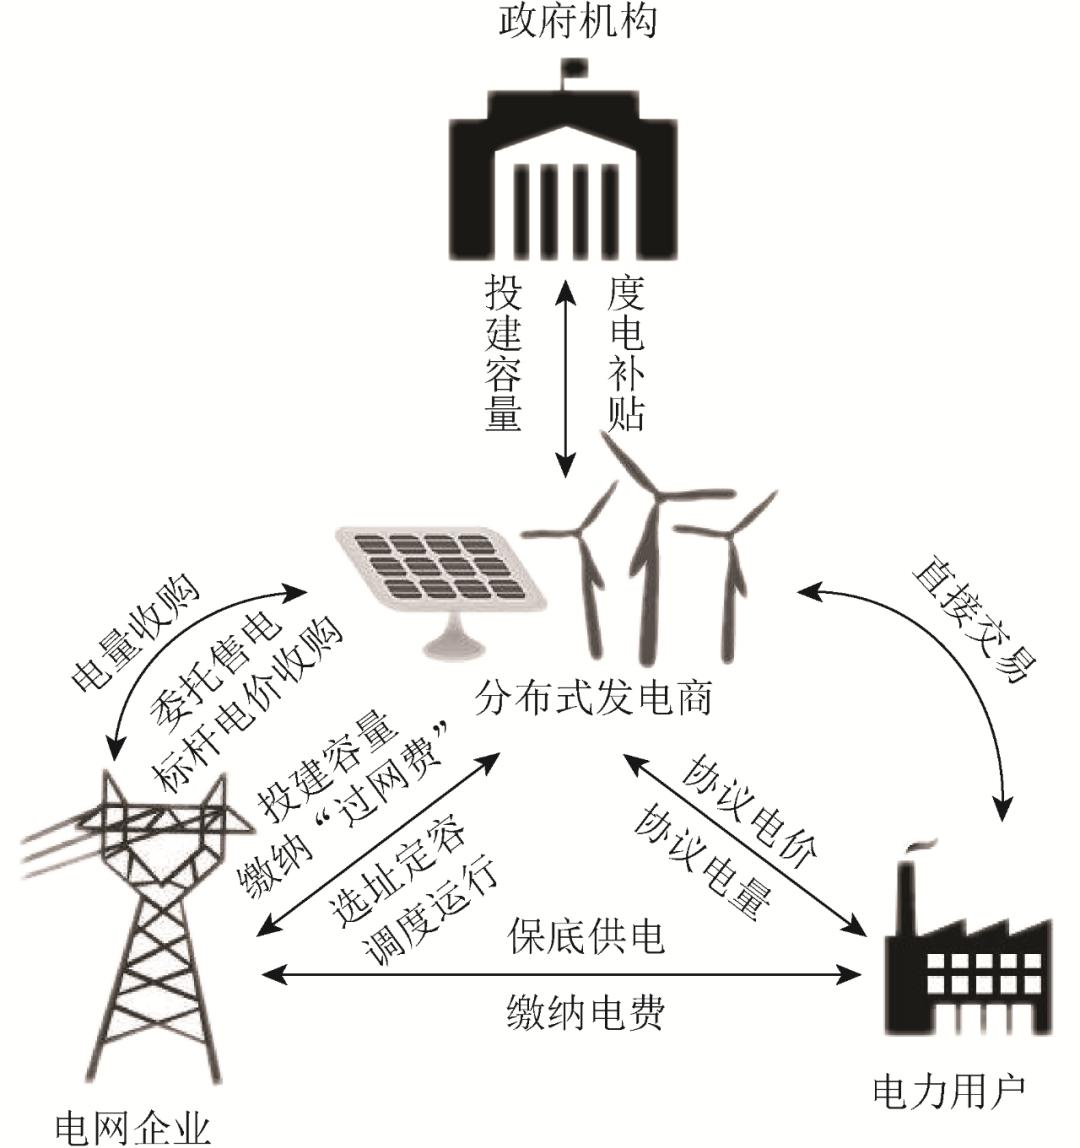 分布式发电市场化环境下,各交易主体的响应行为模型